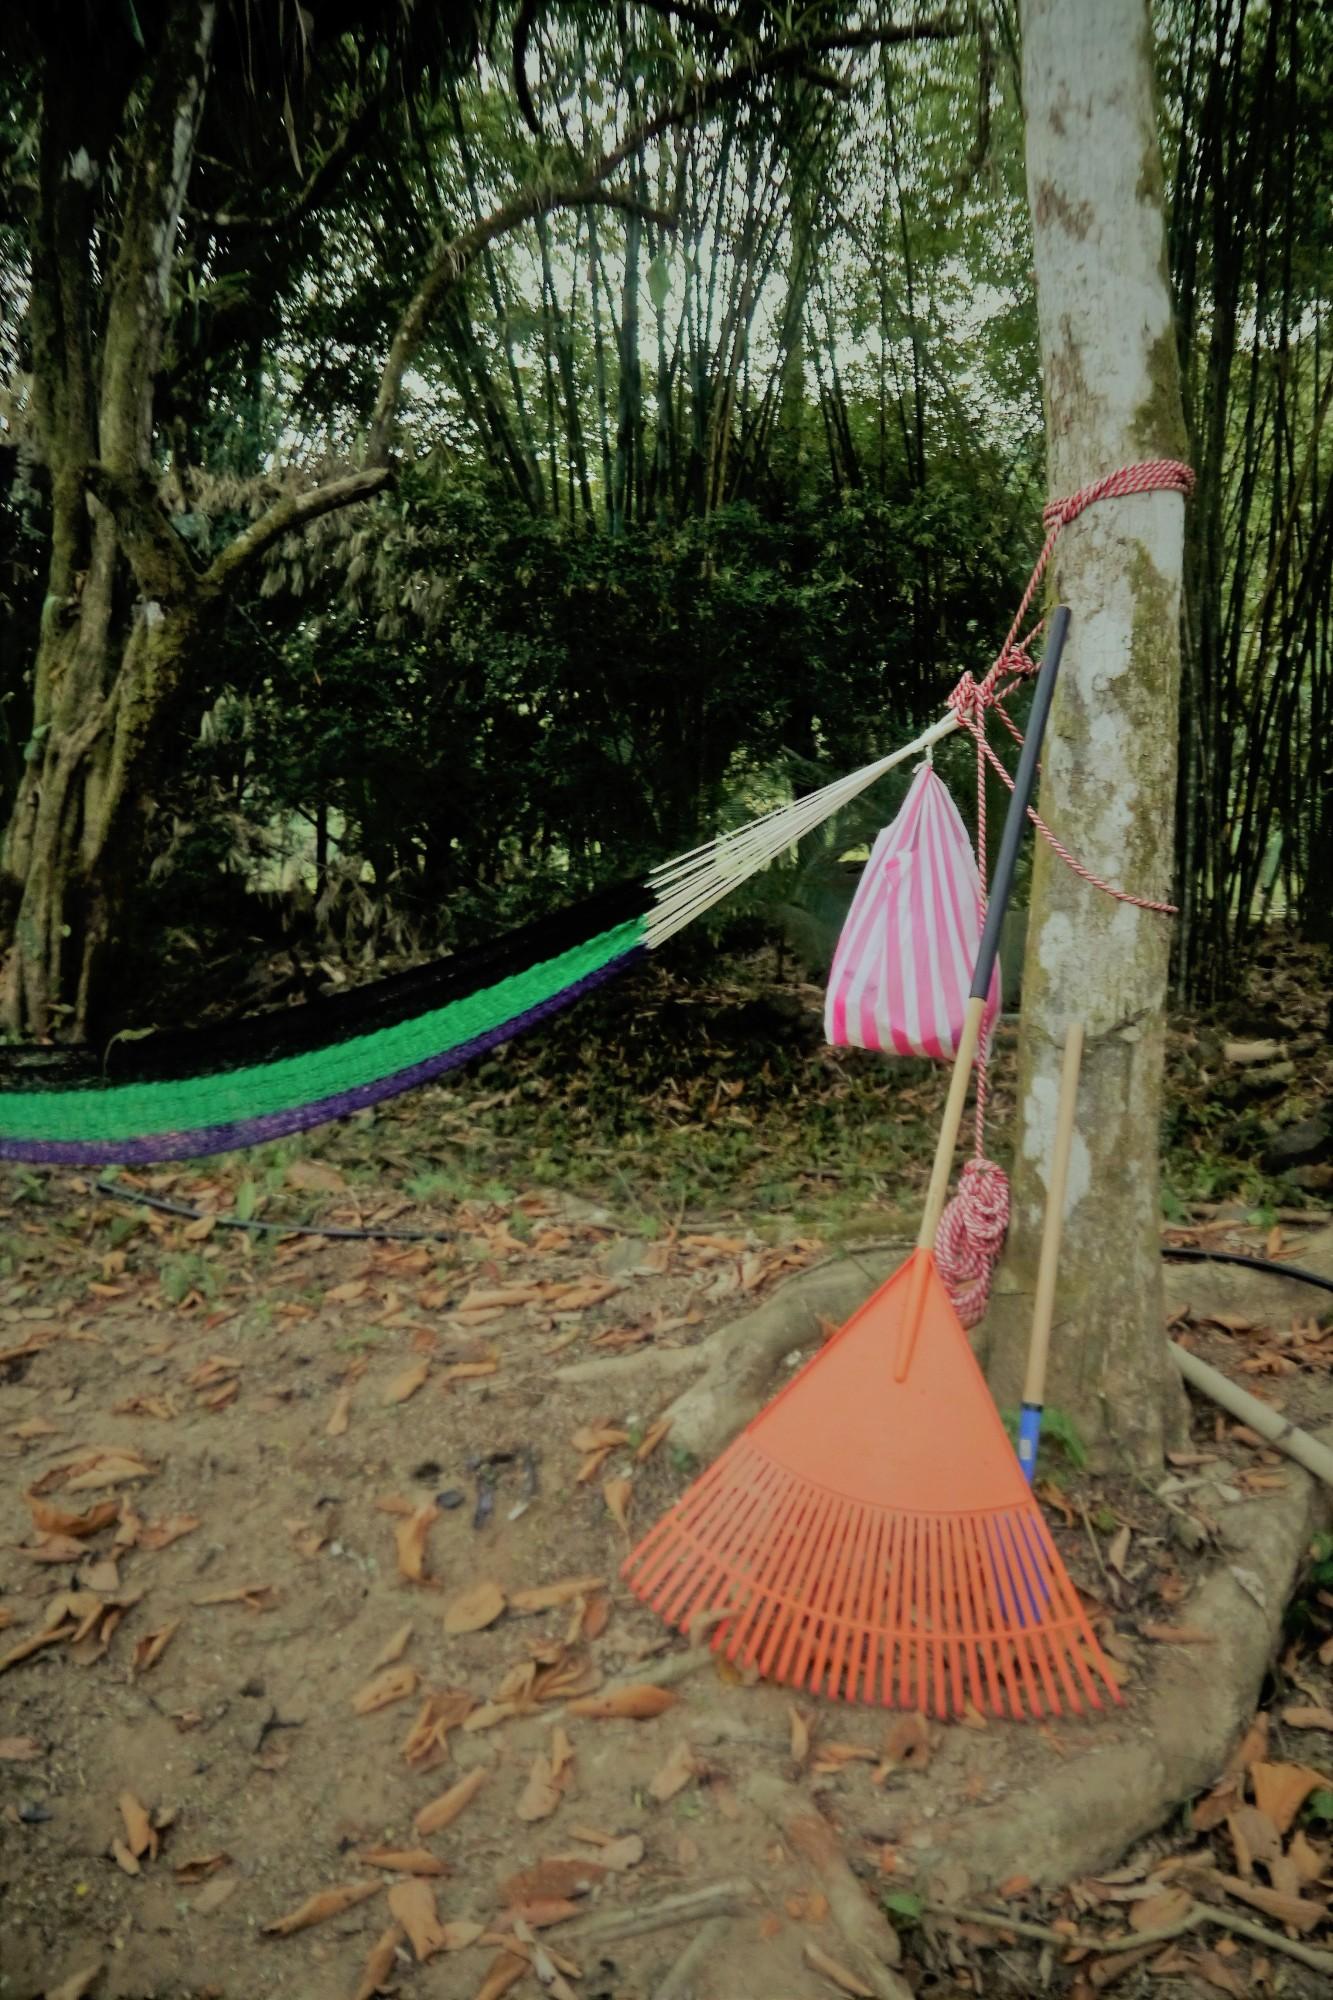 один мой день в стране, в которой вечное лето, Коста-Рика, фото 7